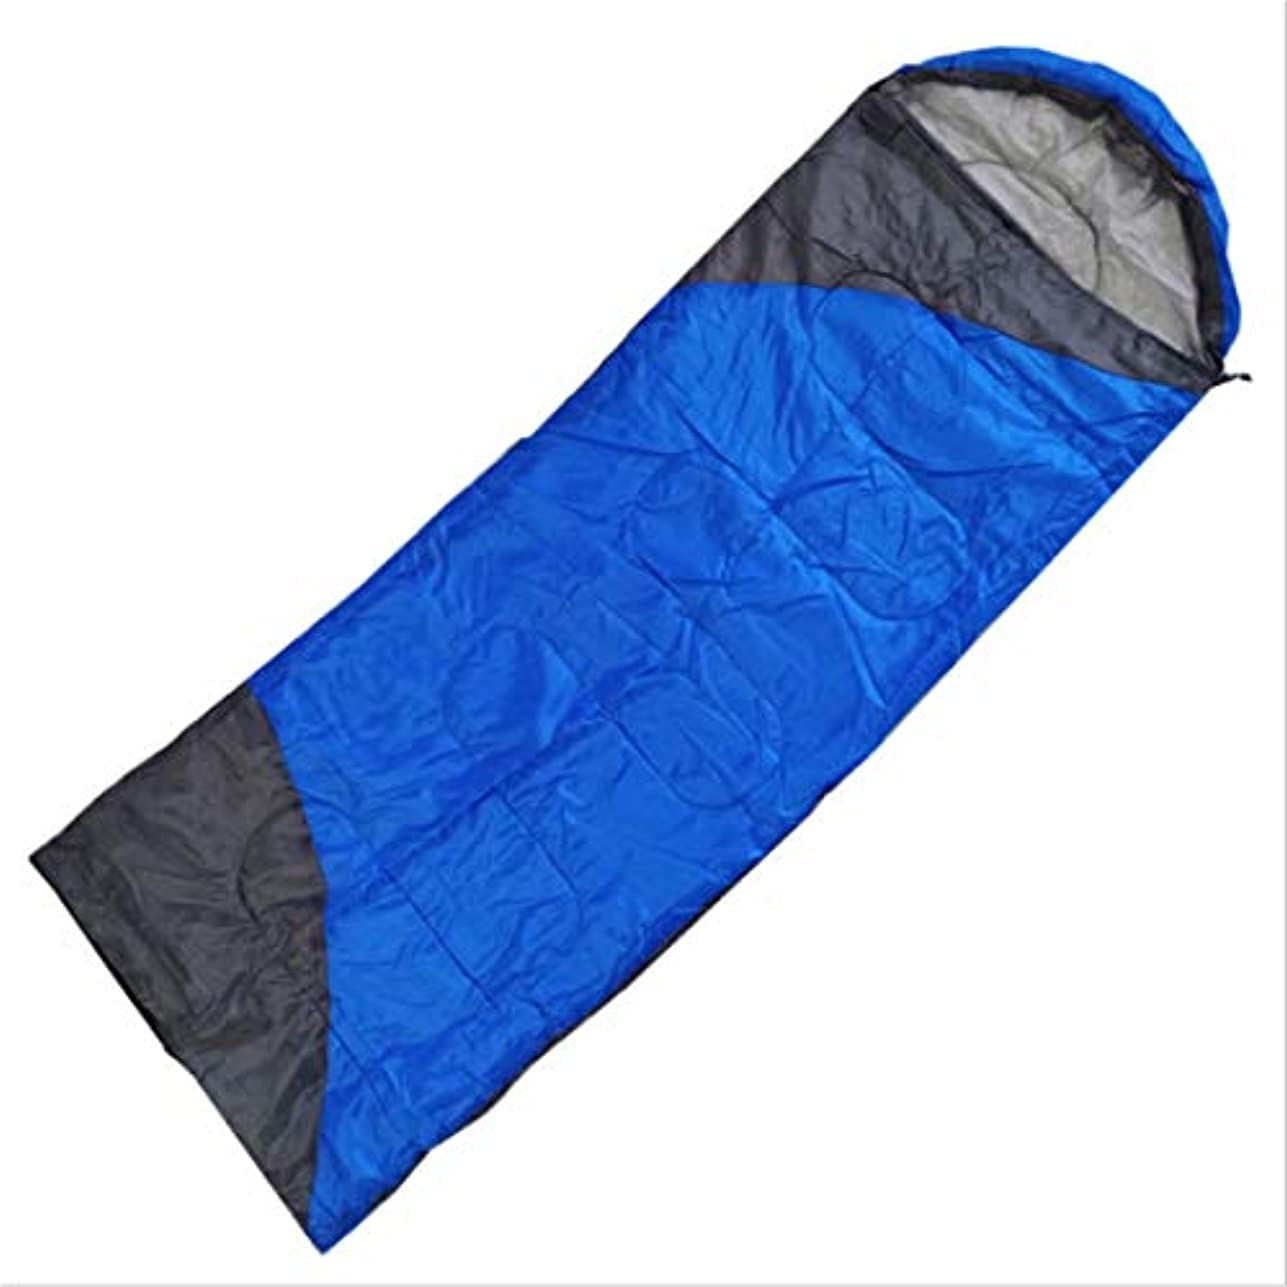 暴露する手錠ローブKoloeplf 封筒軽量ポータブル防水寝袋、秋、夏、春に最適 (Color : ブルー)